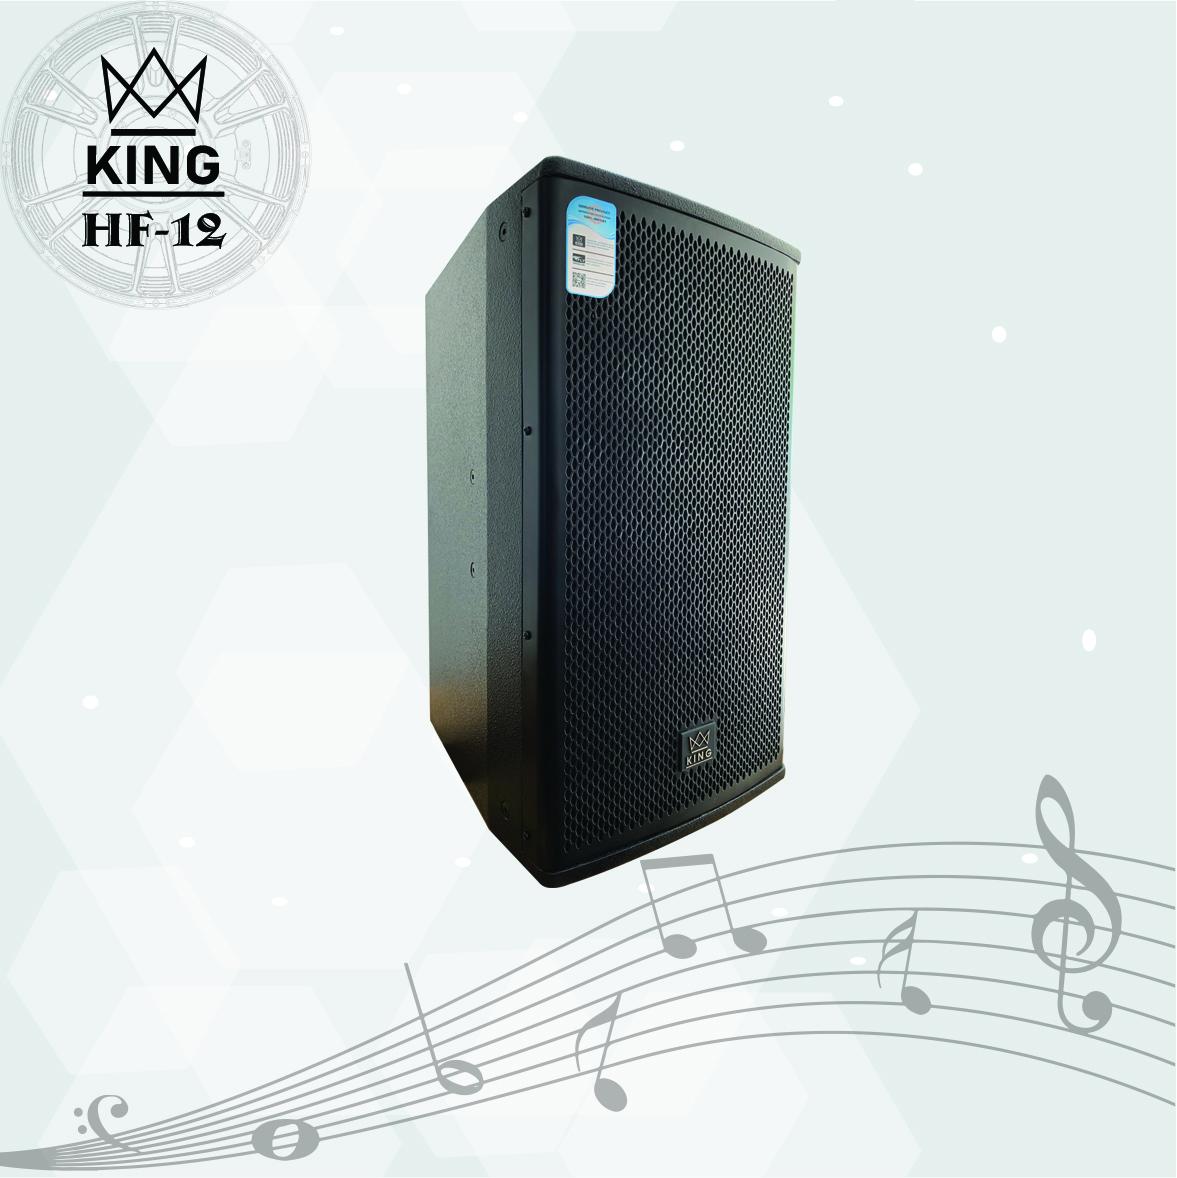 King HF12